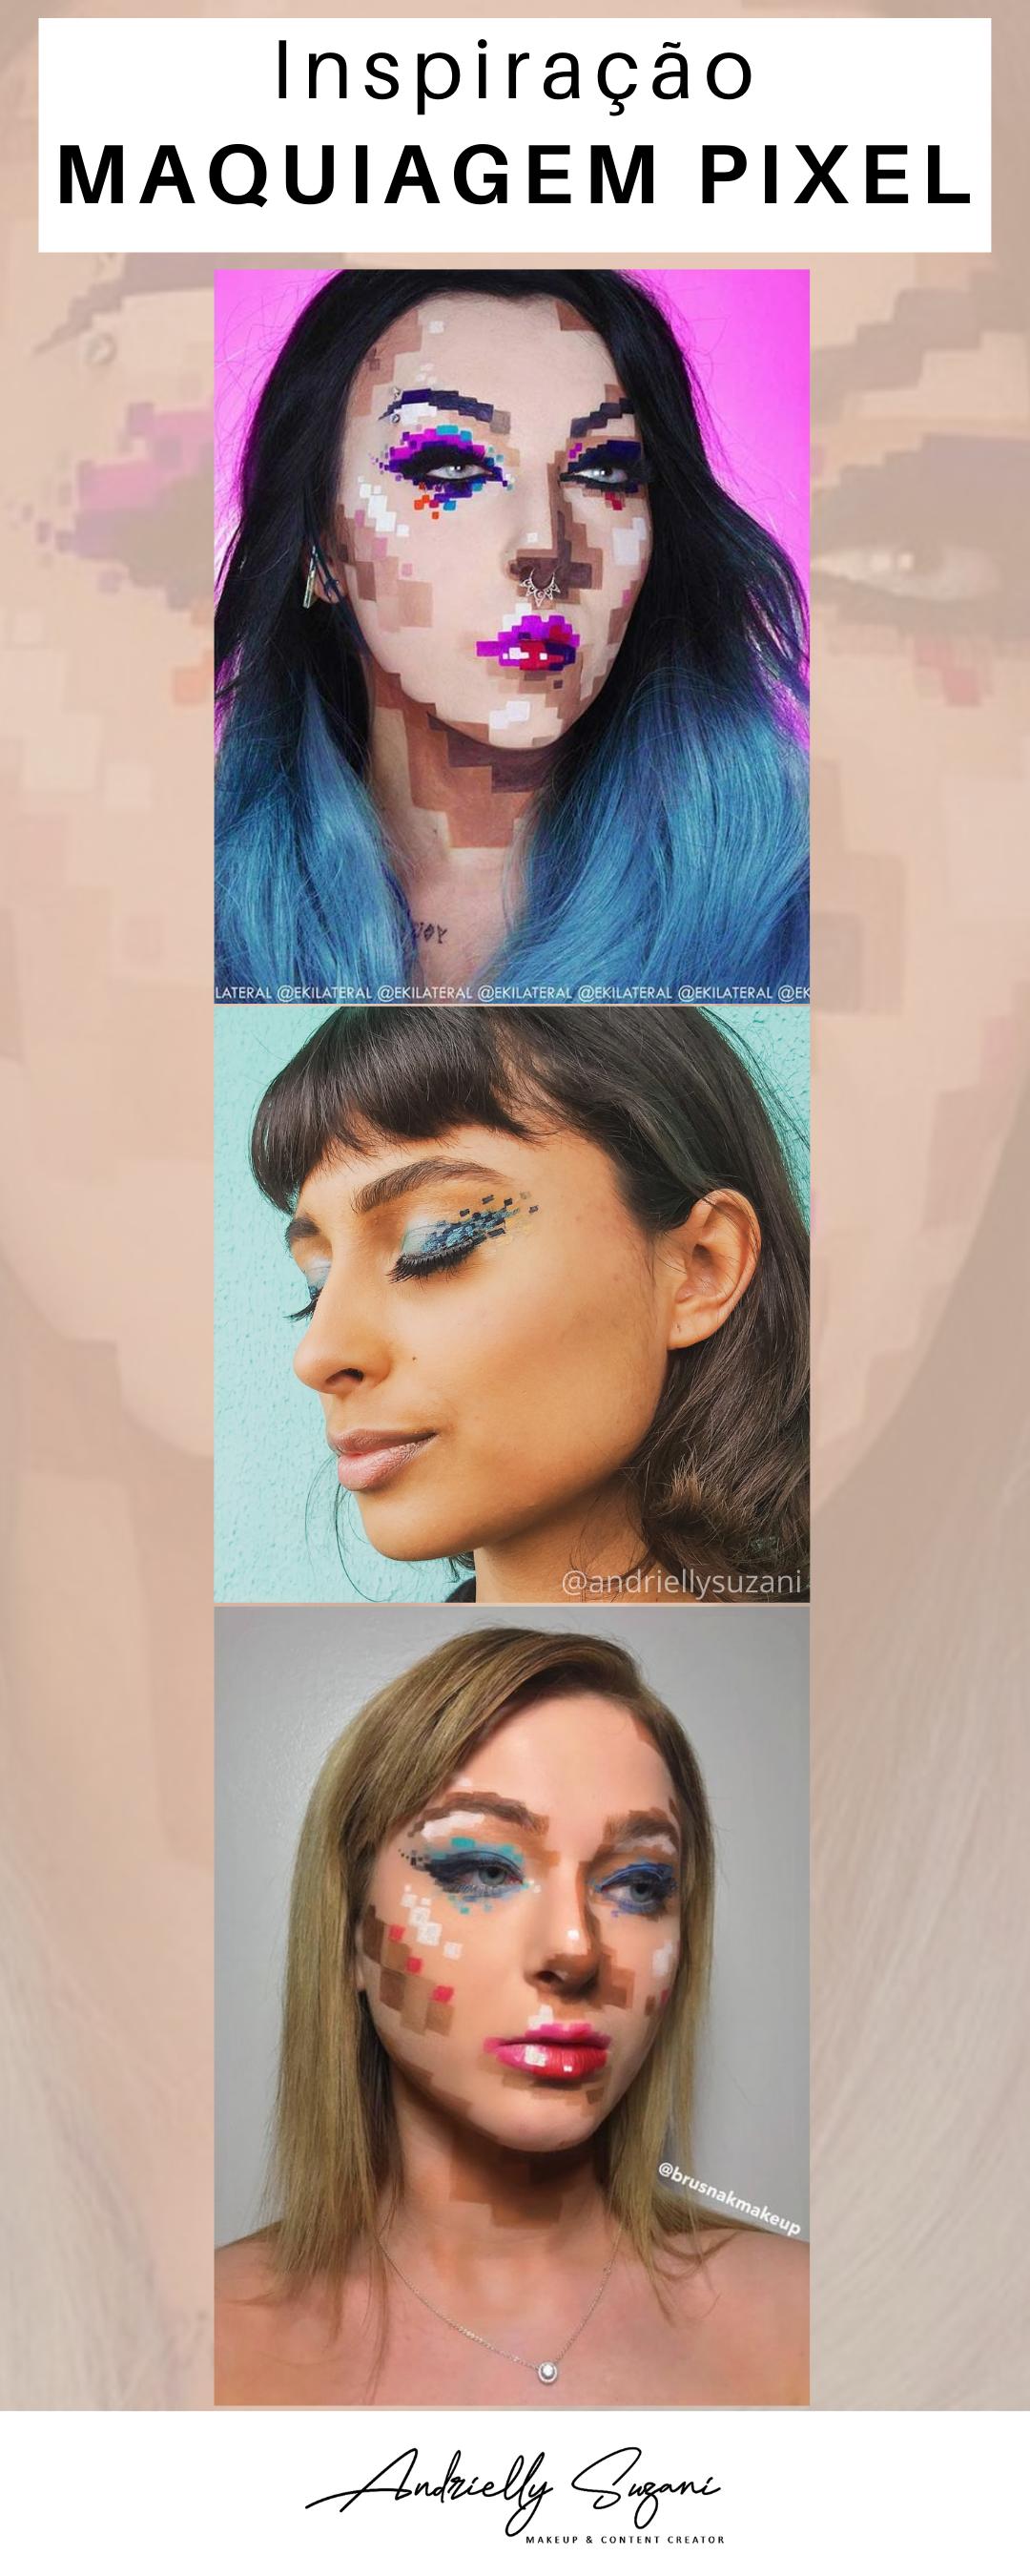 maquiagem de pixel